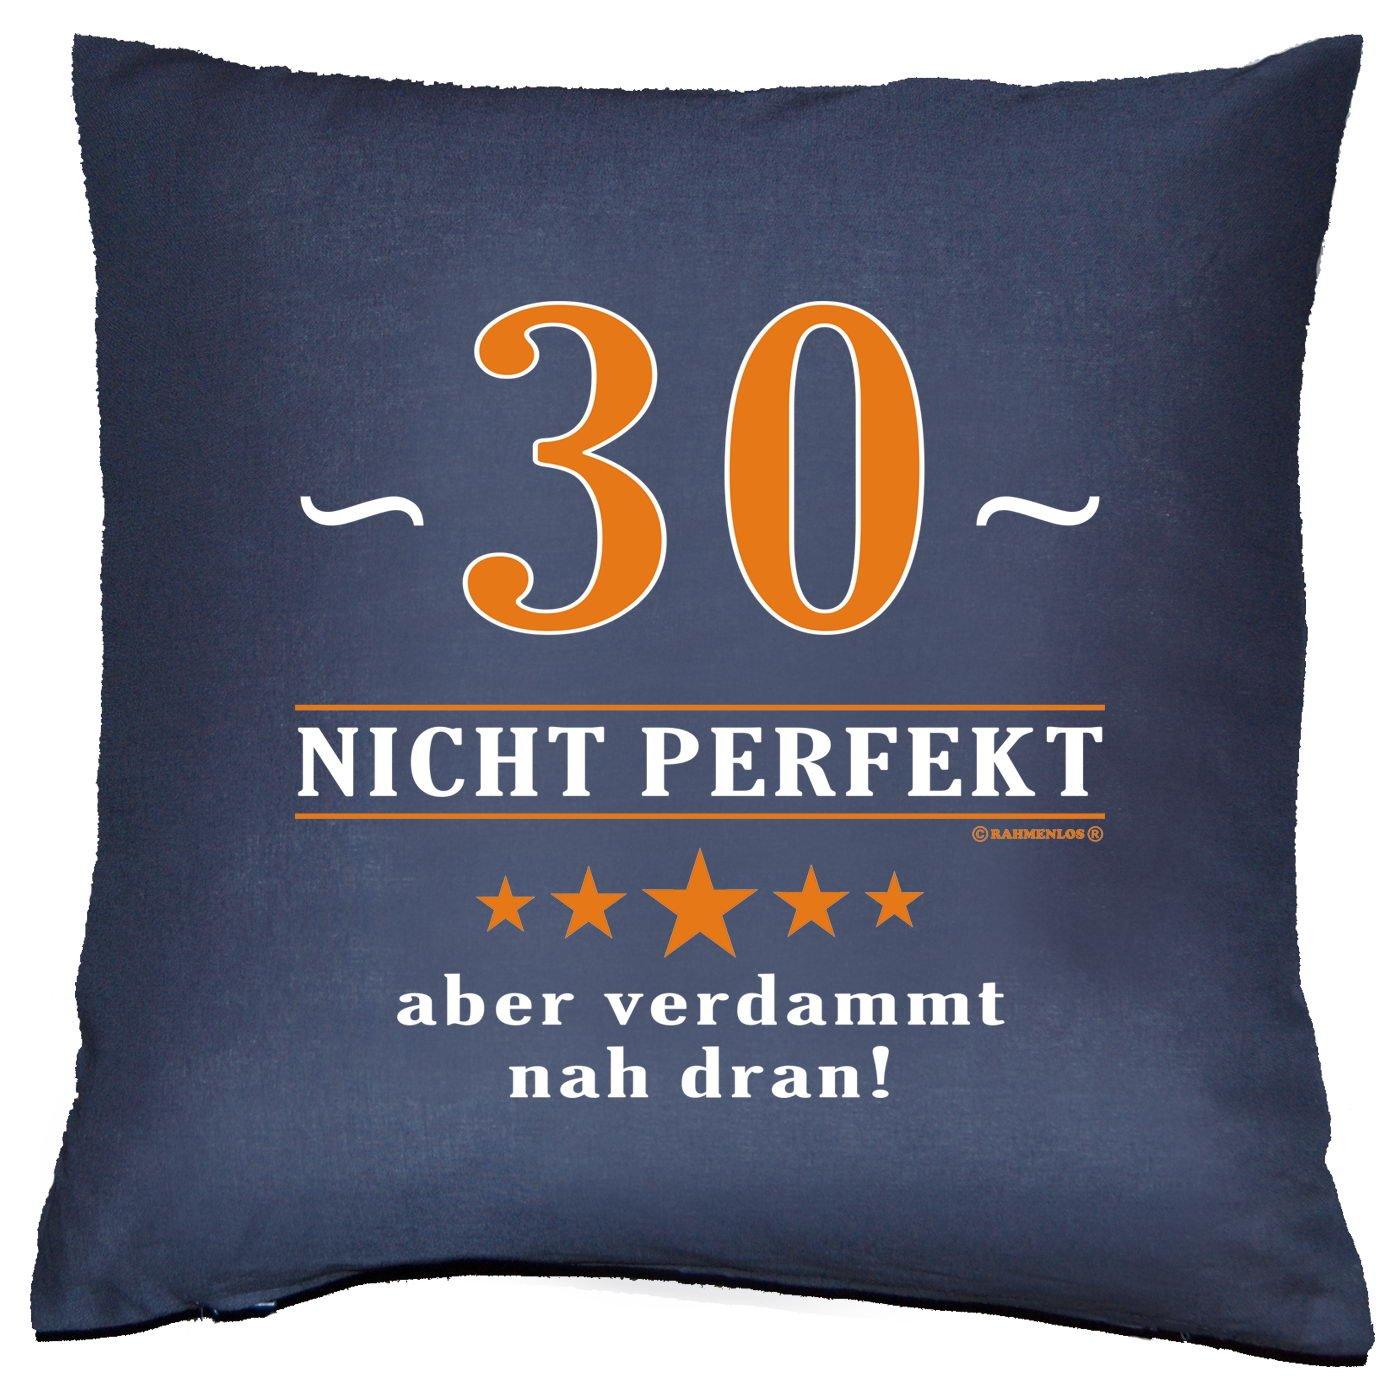 Kissen mit Innenkissen – Über 30 – nicht perfekt aber verdammt nahe dran! – zum 30. Geburtstag Geschenk – 40 x 40 cm – in navy-blau günstig bestellen